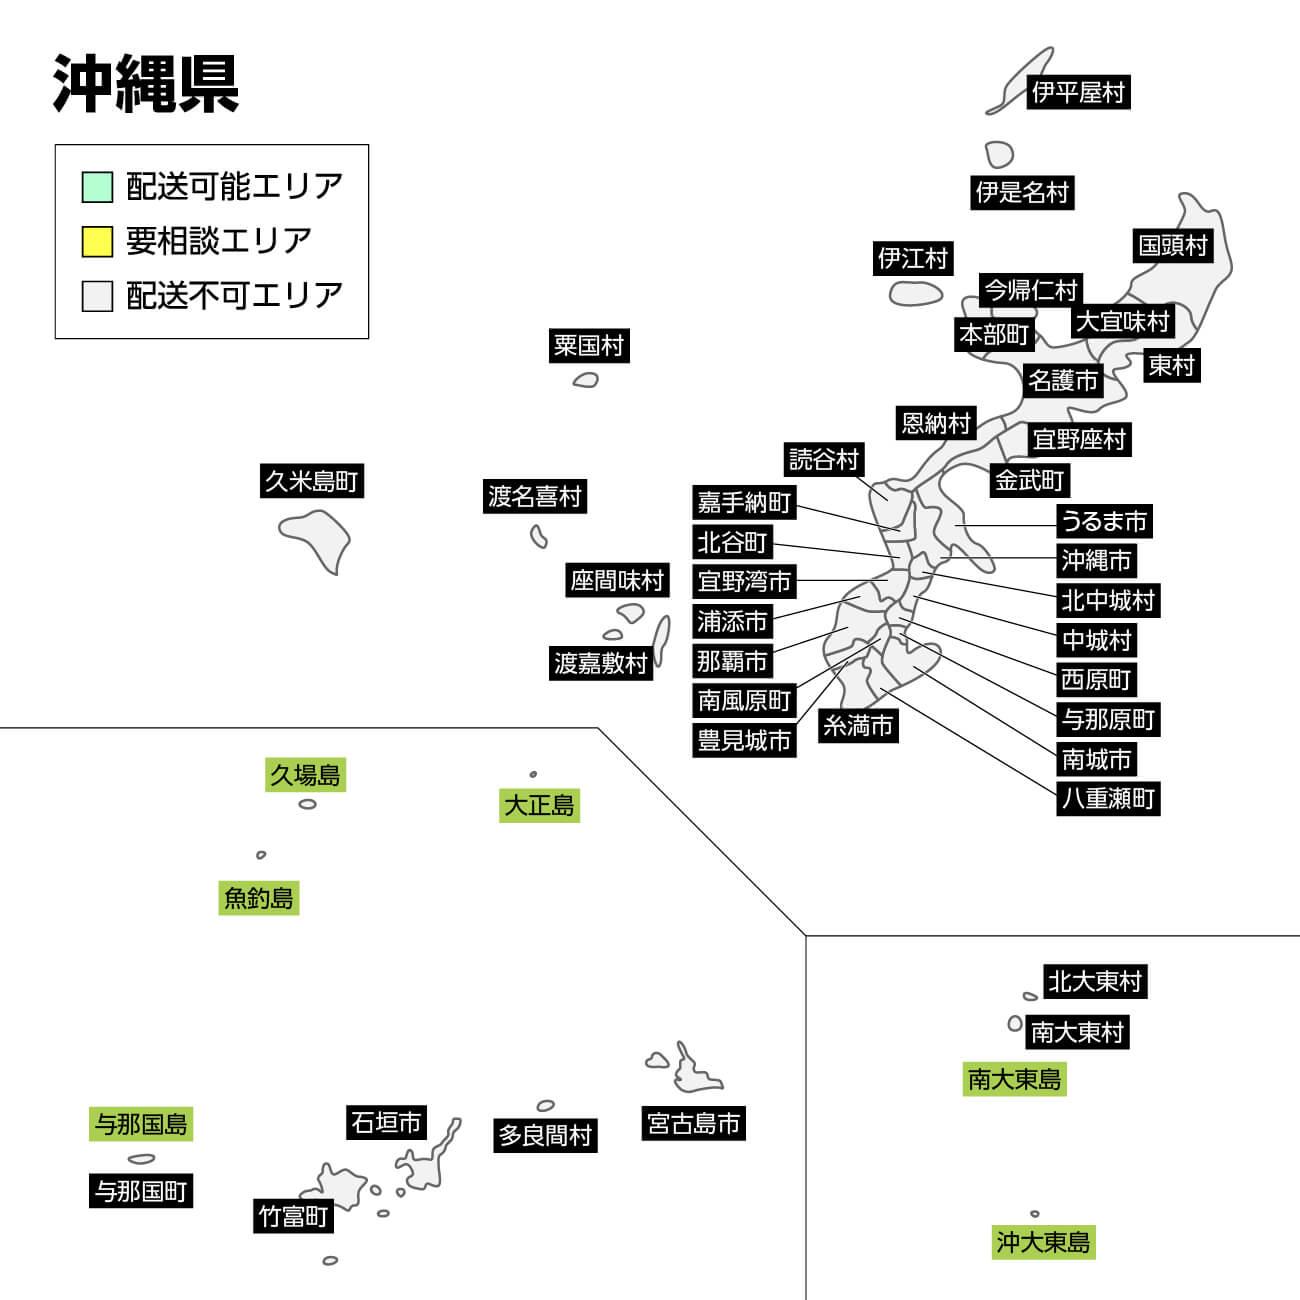 沖縄県の集荷可能エリア